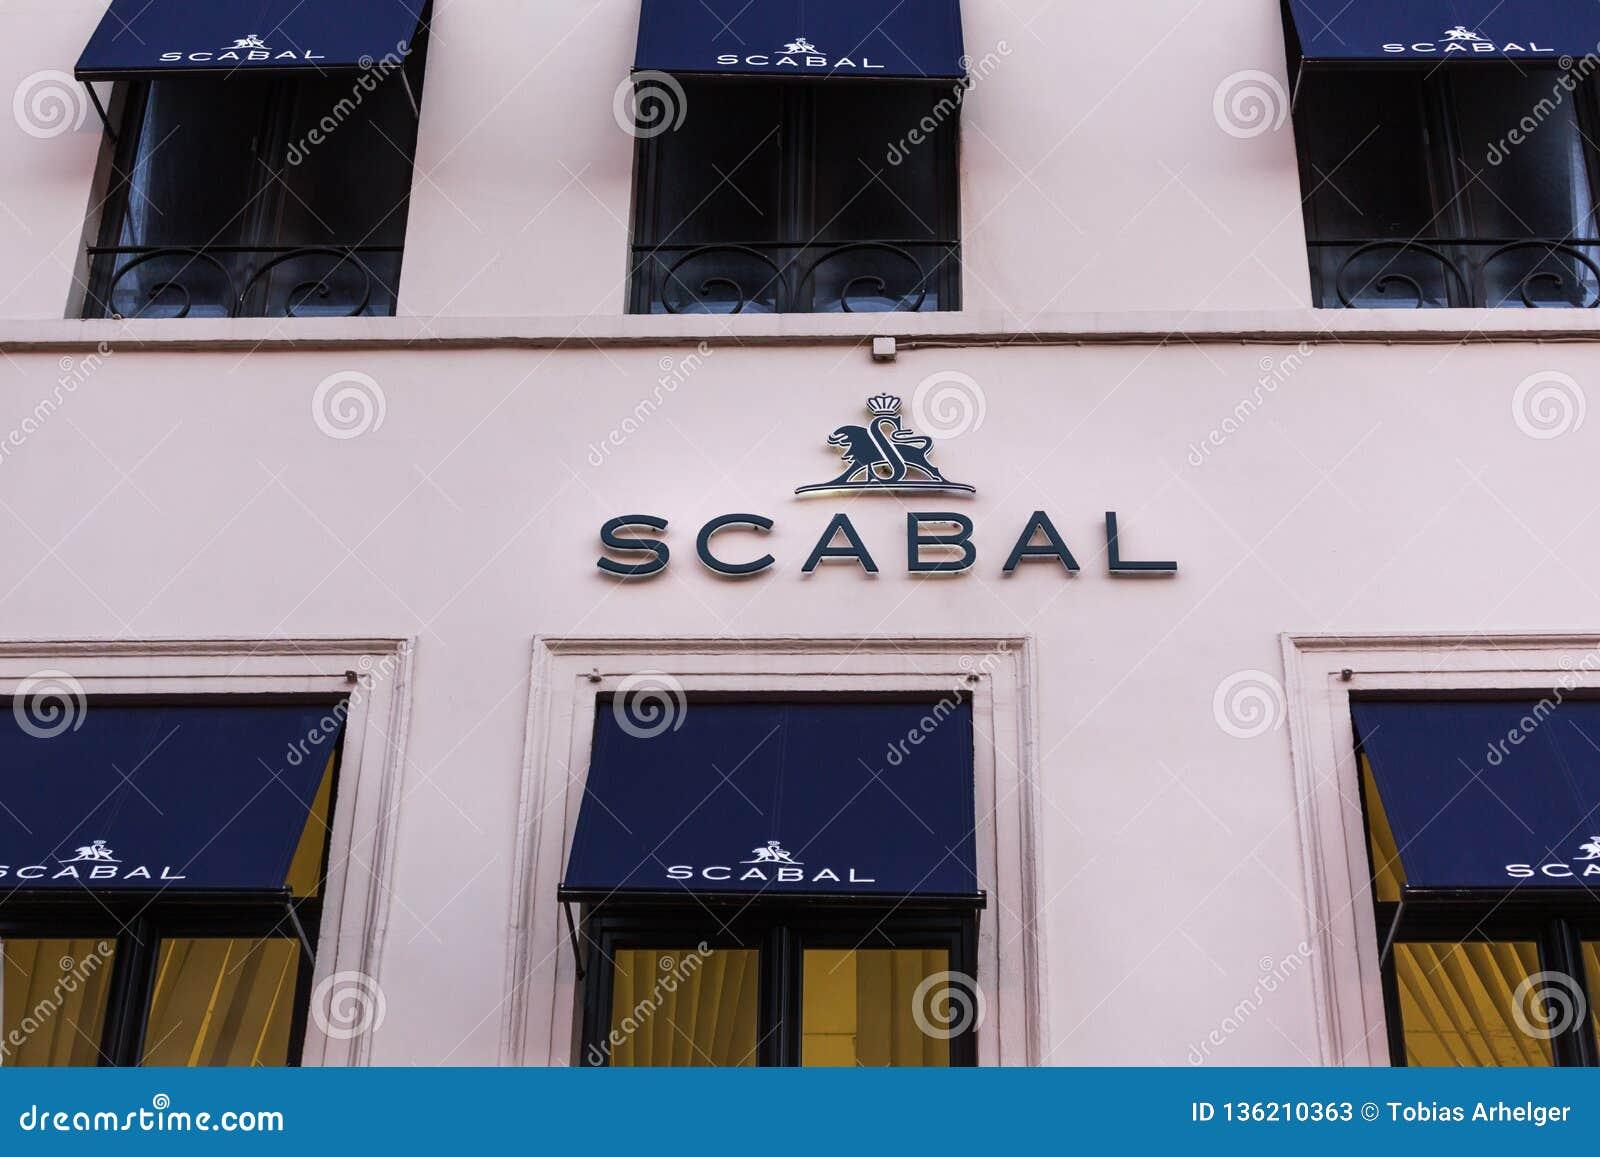 Brussel, Brussel/België - 13 12 18: scabal opslagteken in Brussel België